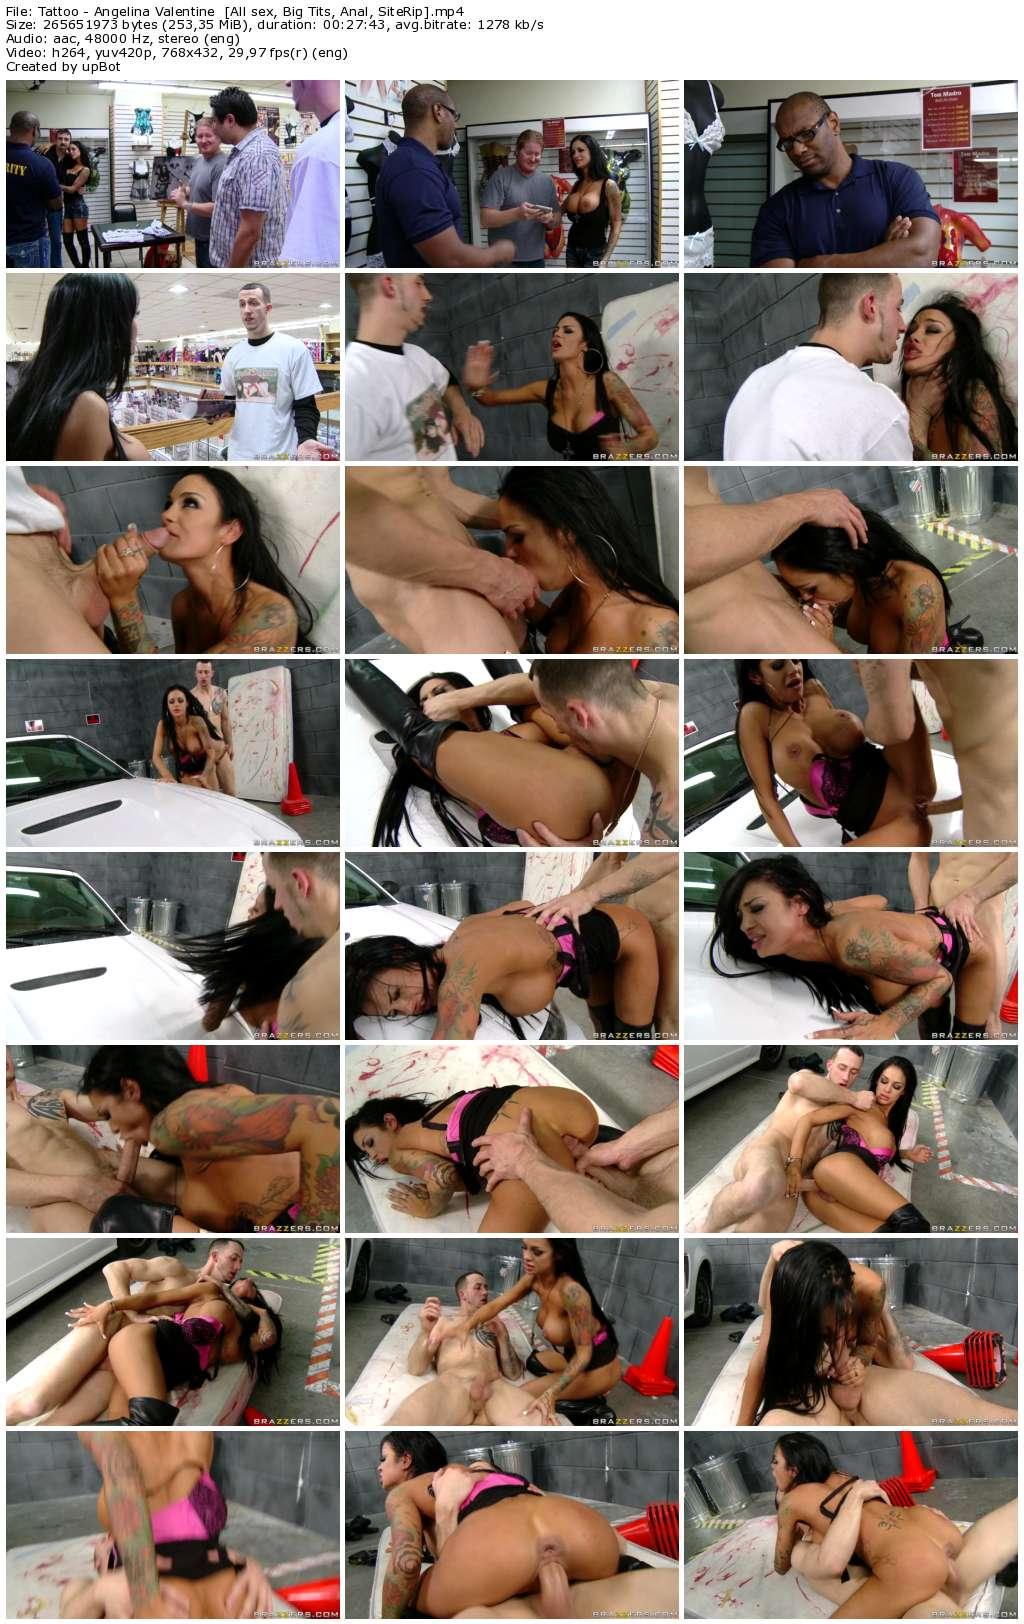 Tattoo - Angelina Valentine  _All sex_ Big Tits_ Anal_ SiteRip__thumb,